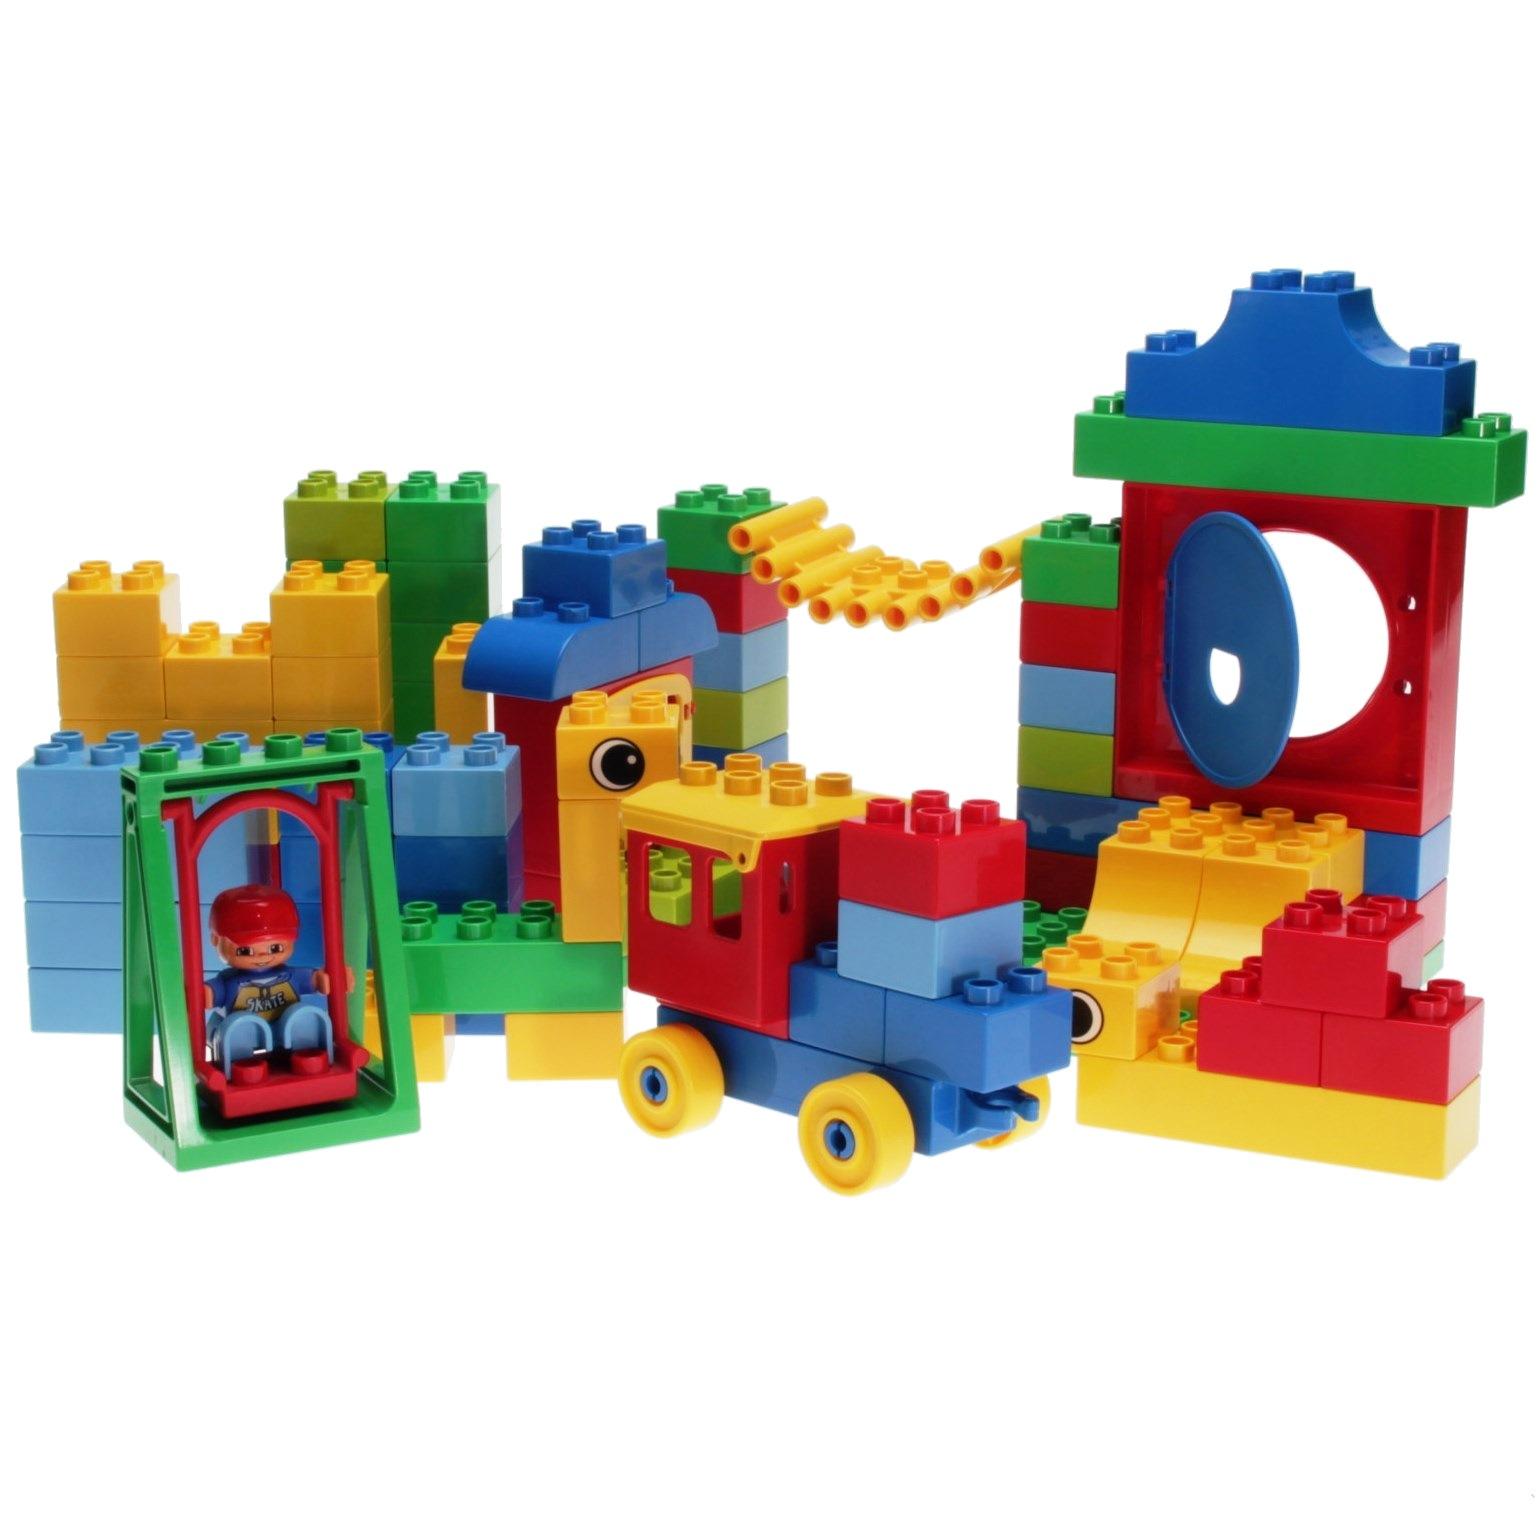 Lego Deluxe Brick Box Best Brick 2017